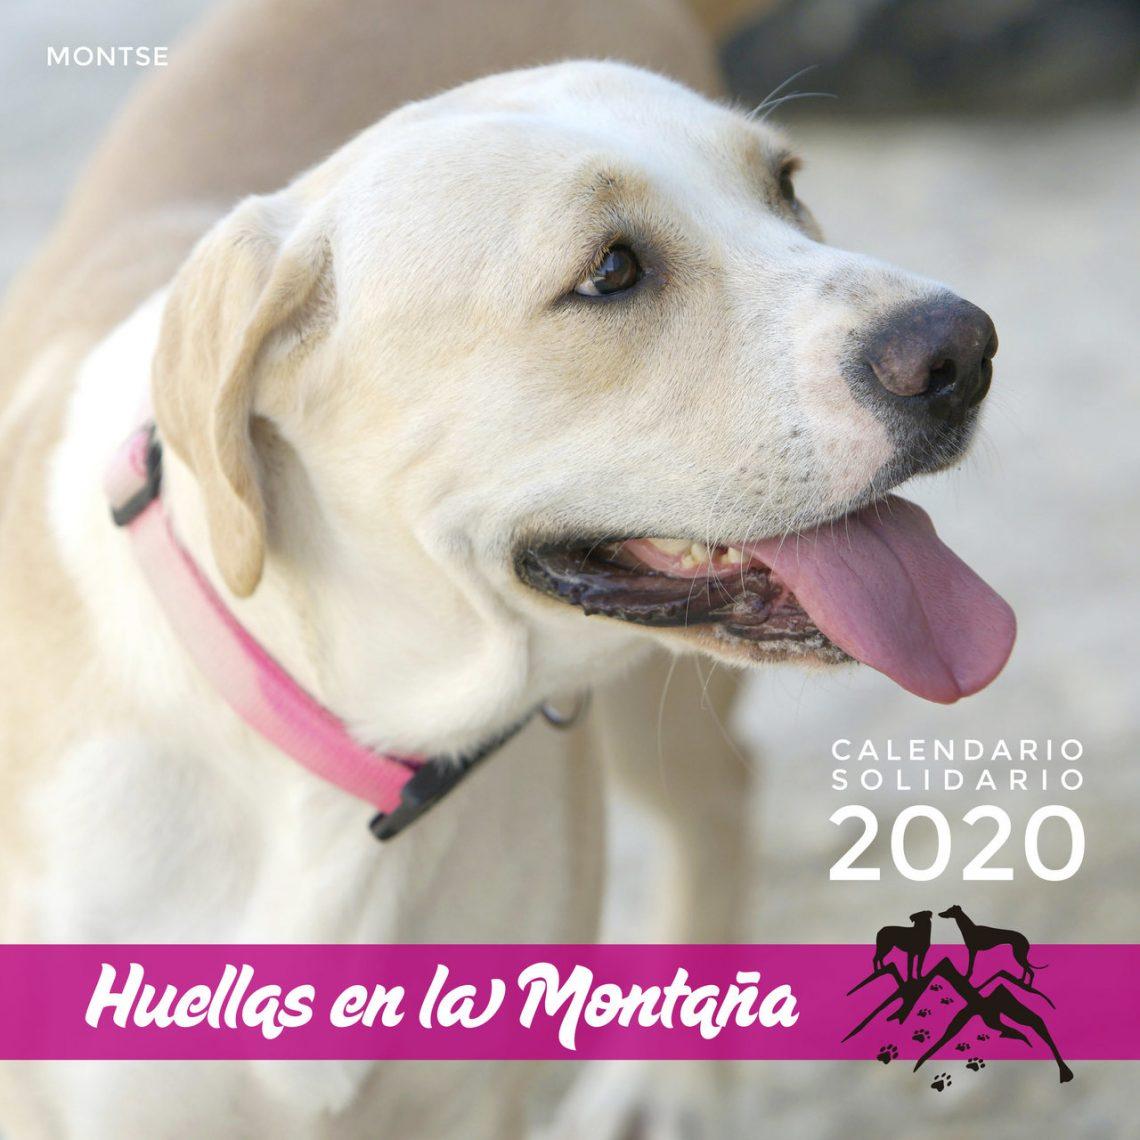 Más Que Salud colabora con el calendario solidario Huellas en la Montaña